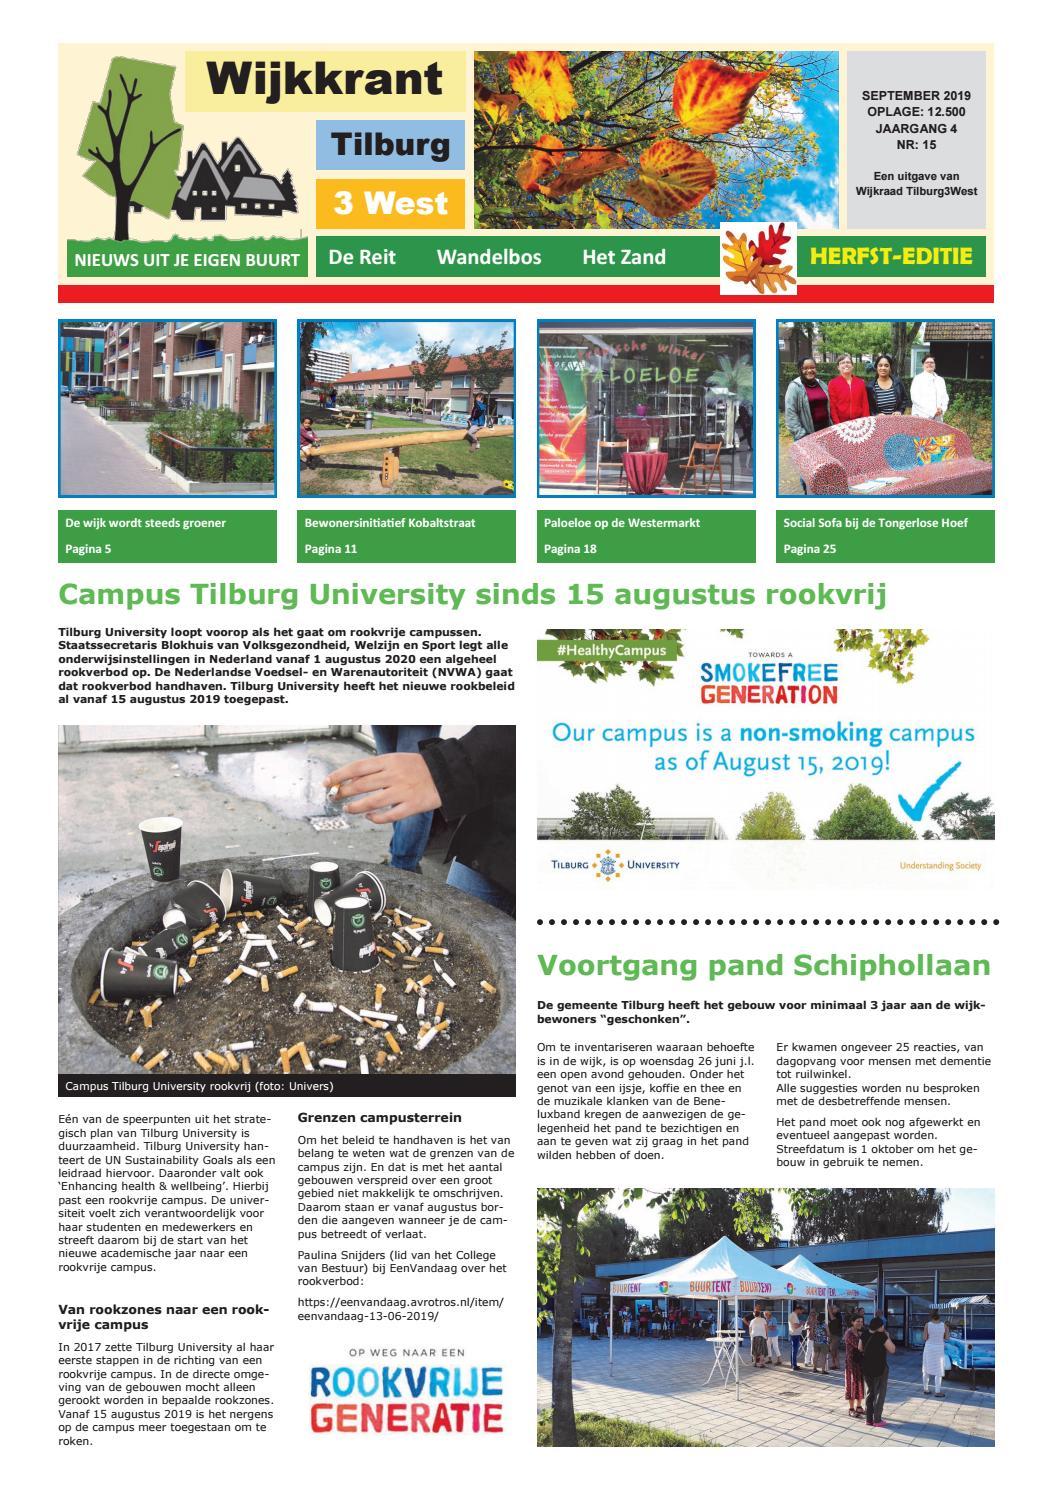 Wijkkrant najaar editie september 2019 by Wijkraad Tilburg 3